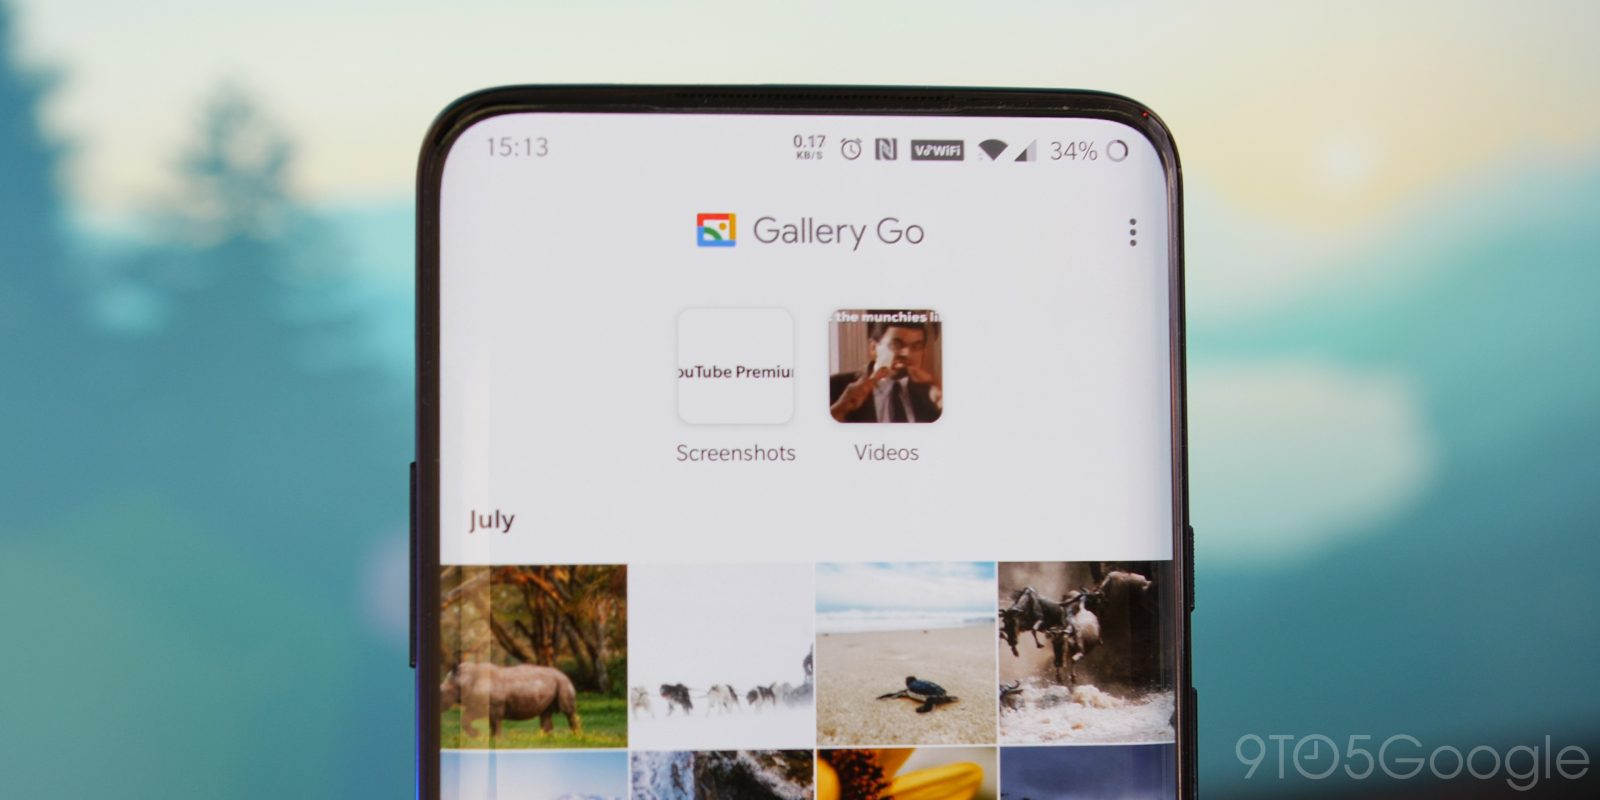 Meet Google's new Gallery Go, an offline, lightweight alternative to Google Photos